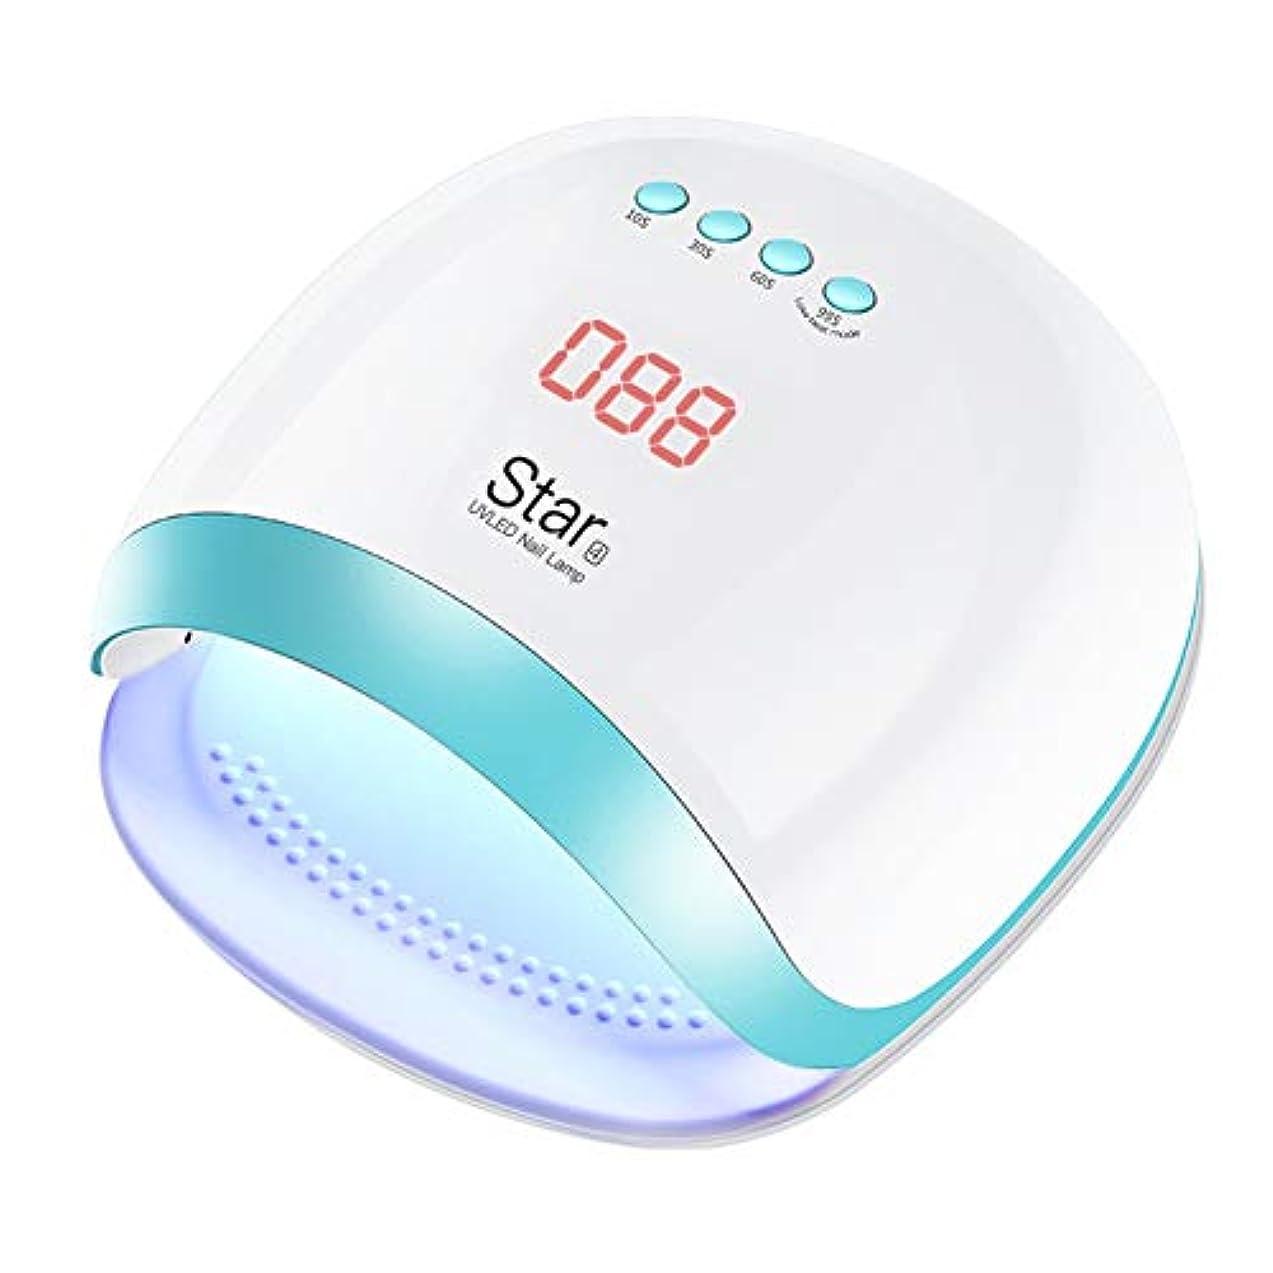 独立して絶縁するとてもFindbetter UVライト レジン用 54W UVレジン ライト UV LED ネイルライト 手&足両用 四つタイマー設定 高速硬化 ジェルネイル 硬化用UVライト 1年保証